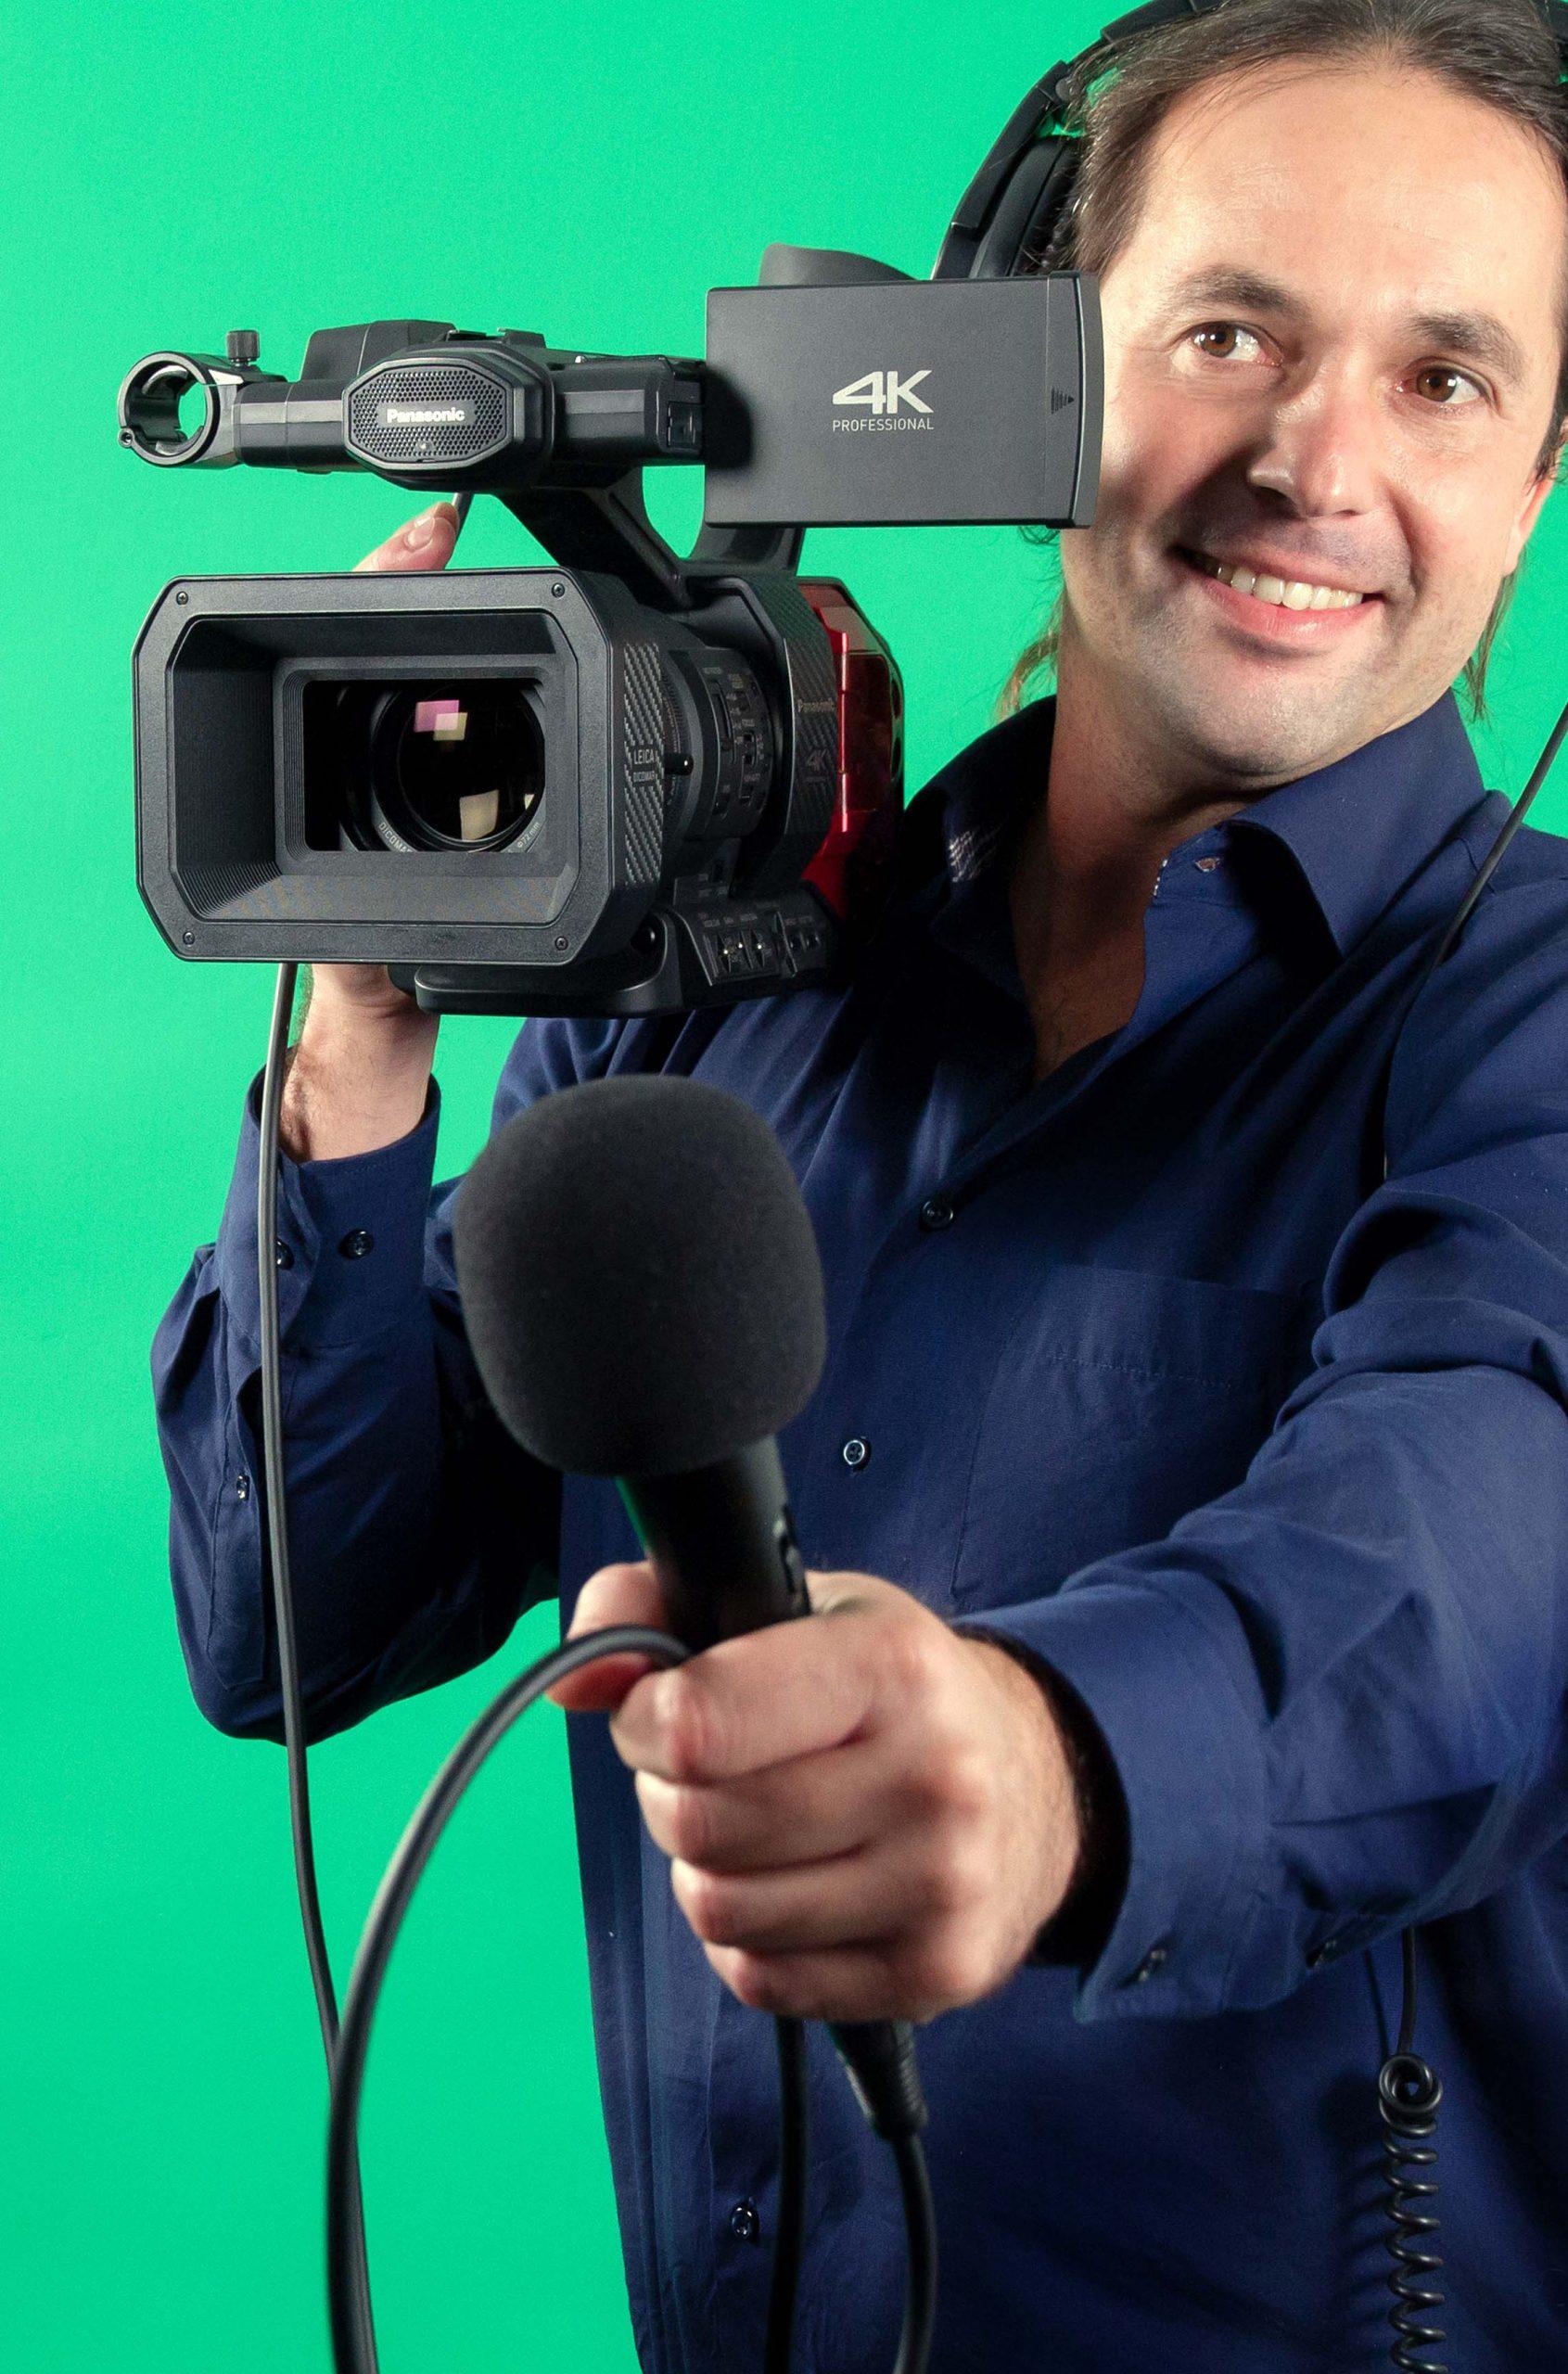 Albert, Leiter des Videoteams